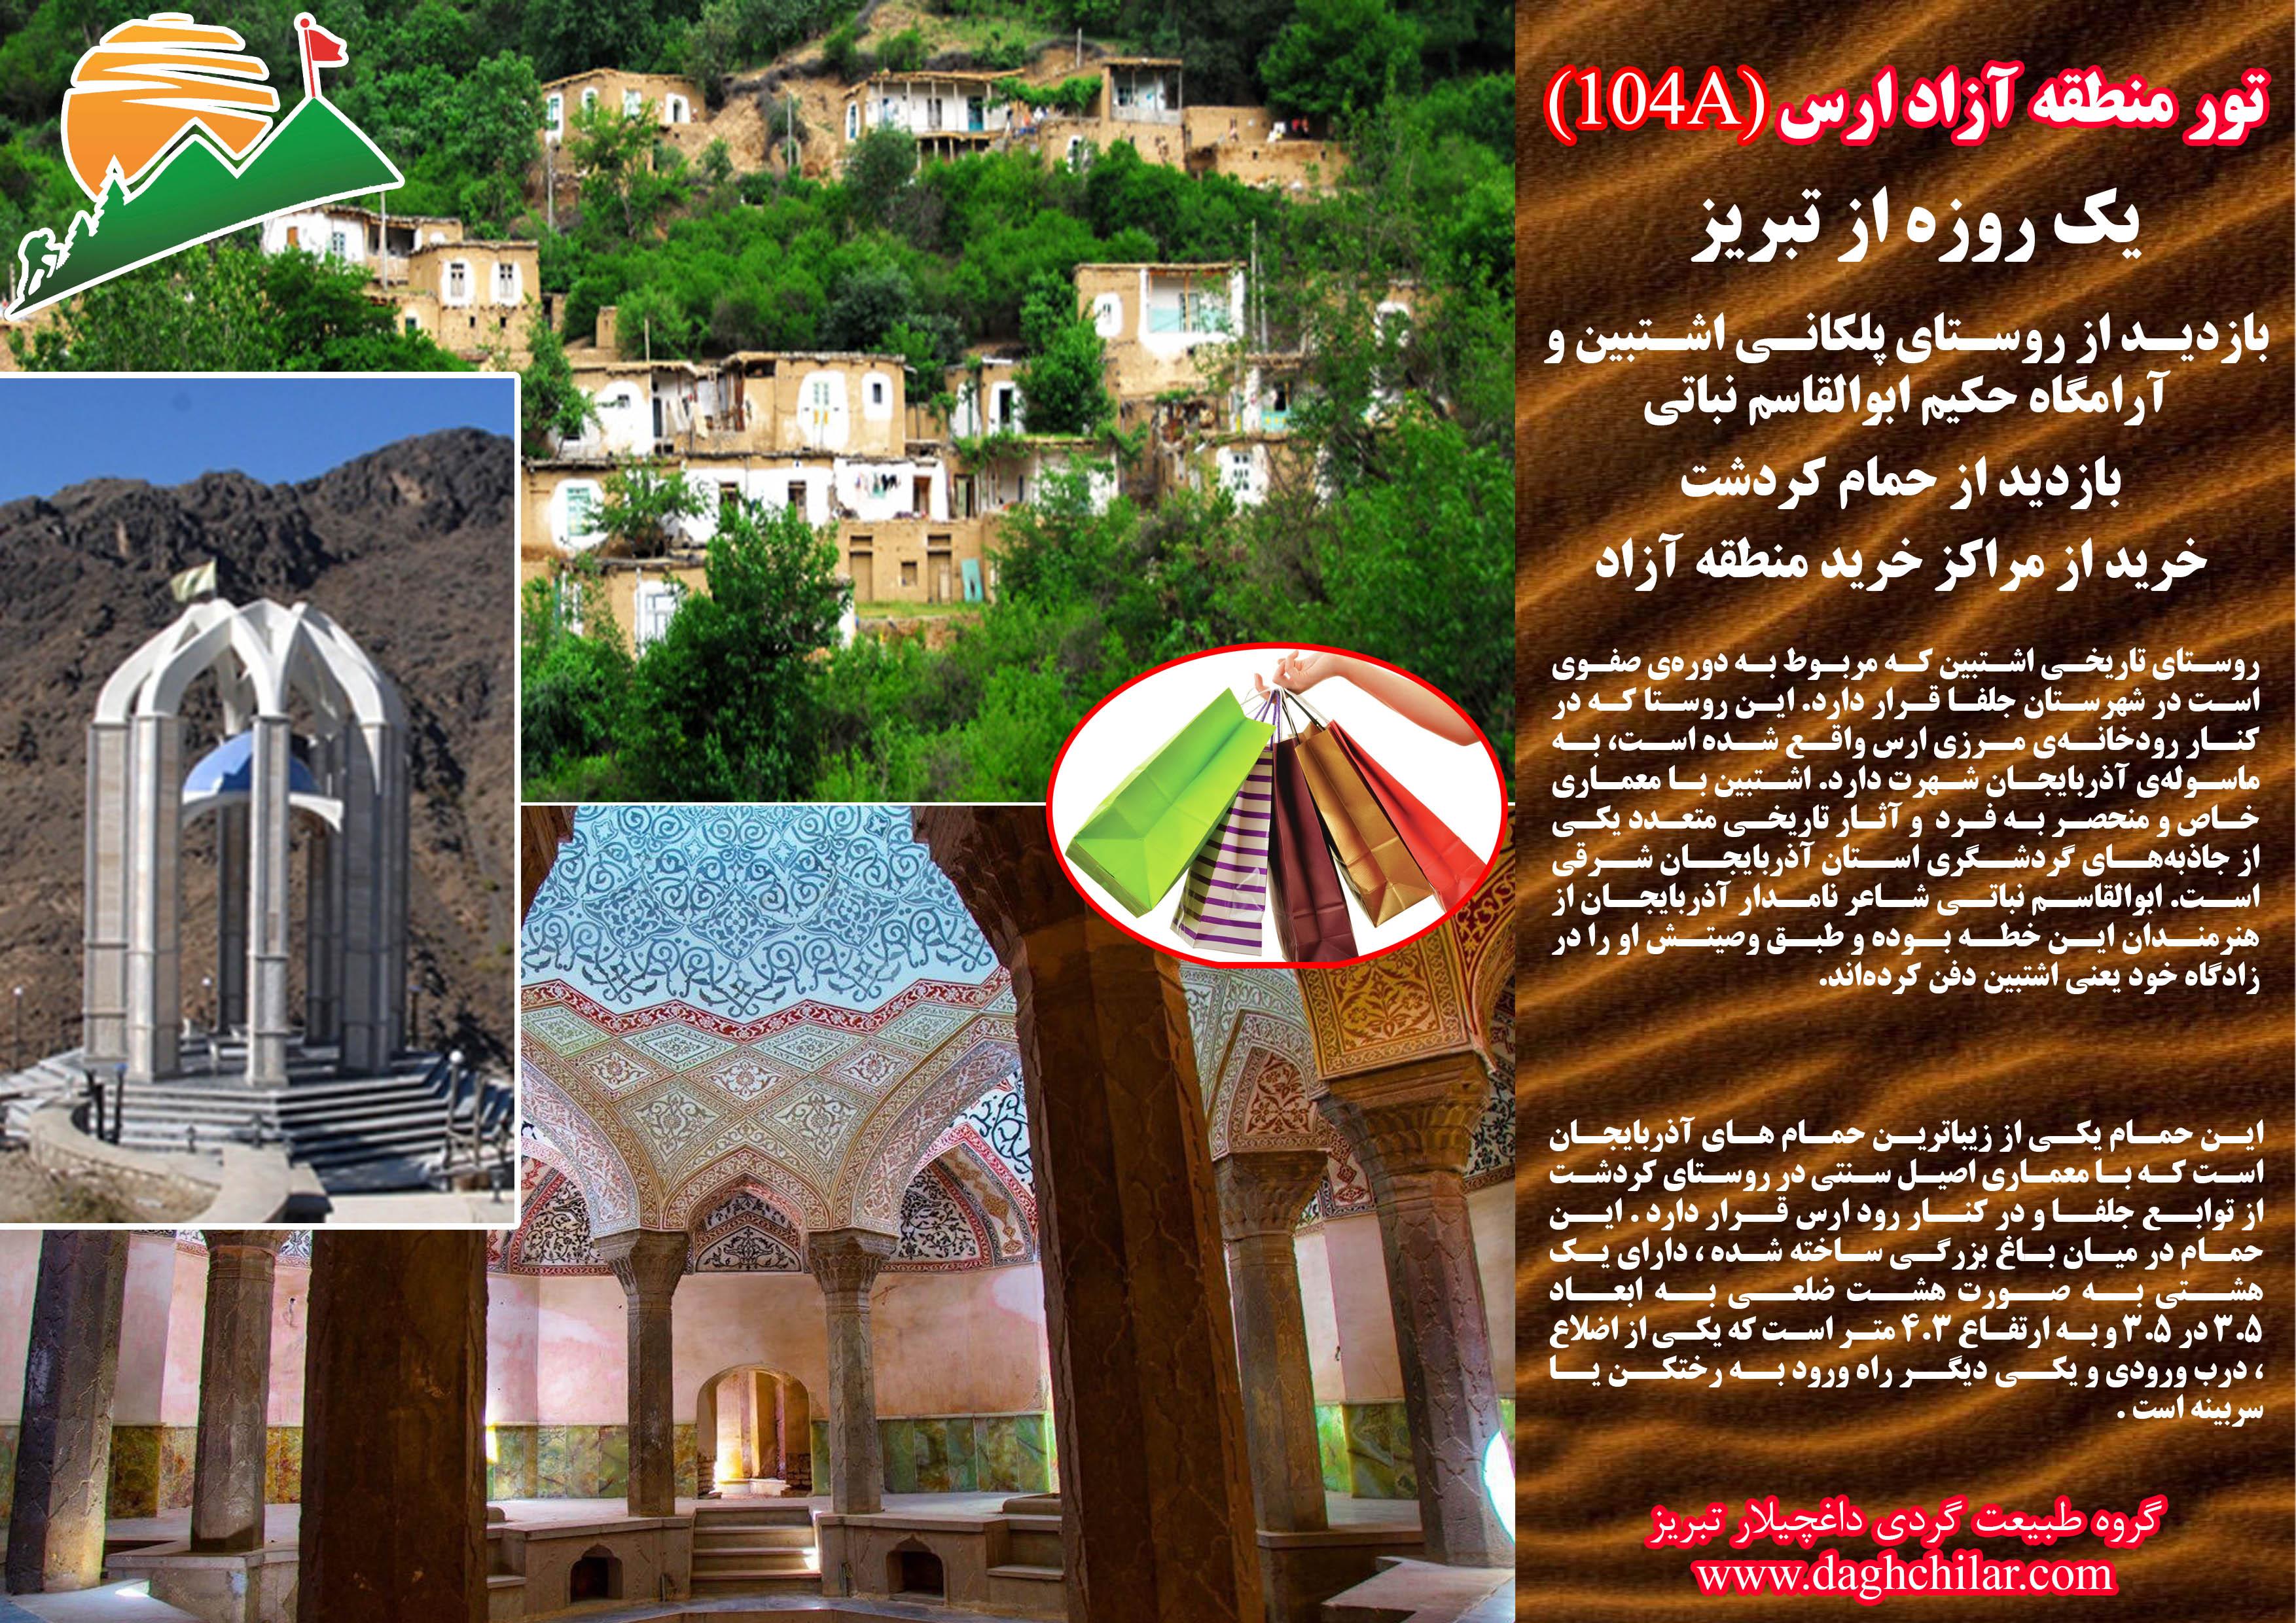 تصویر از تور پیشنهادی روستای اشتبین و حمام کردشت جلفا